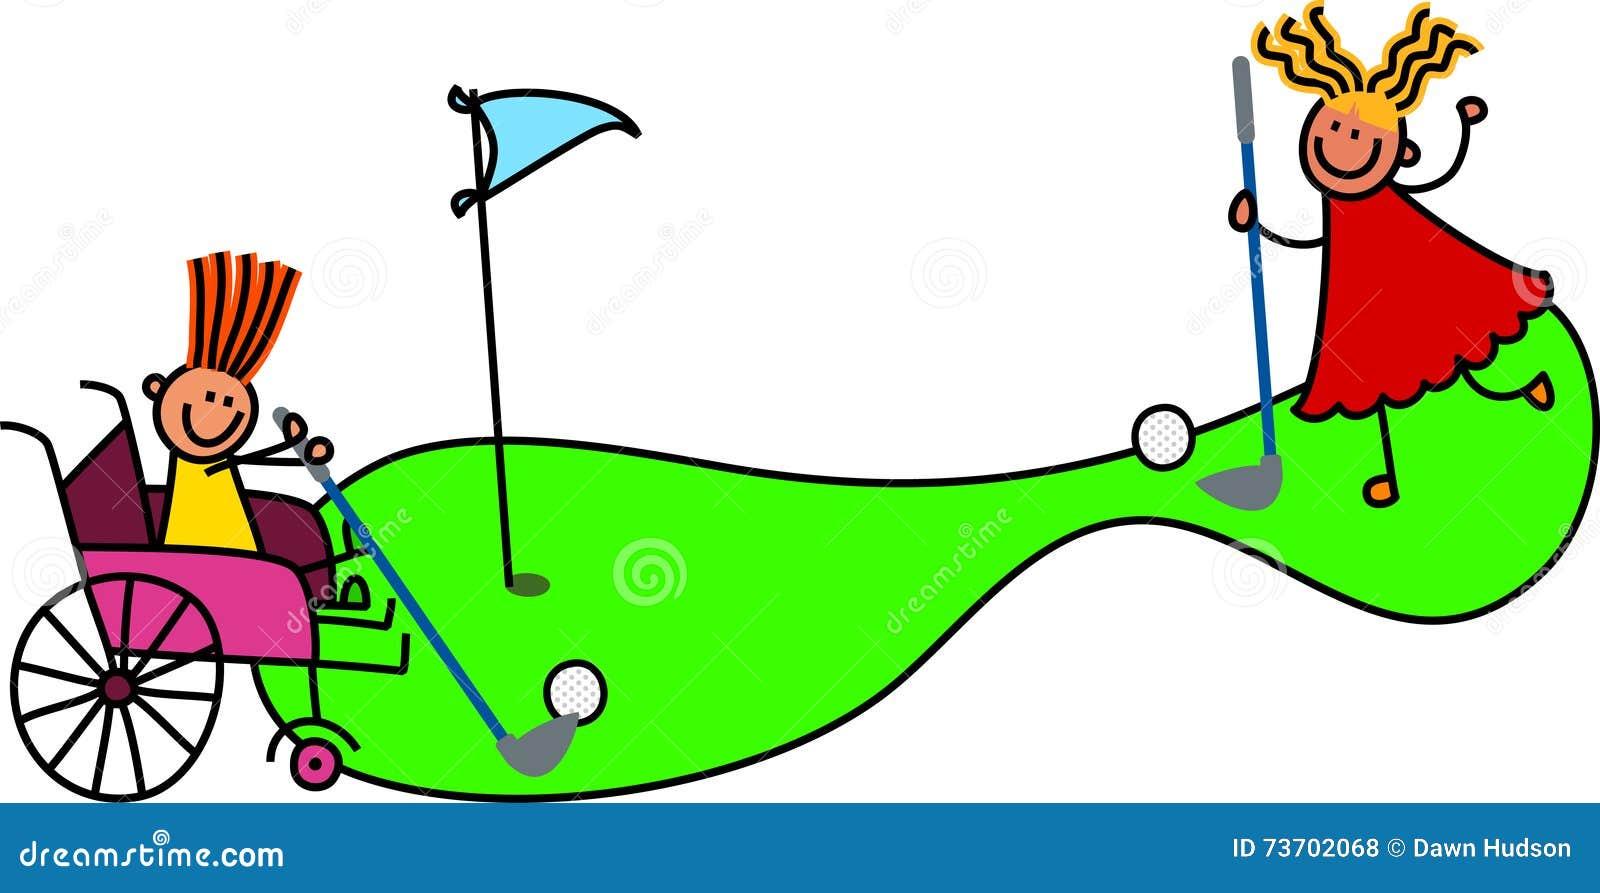 Behindertes Mädchen spielt verrücktes Golf